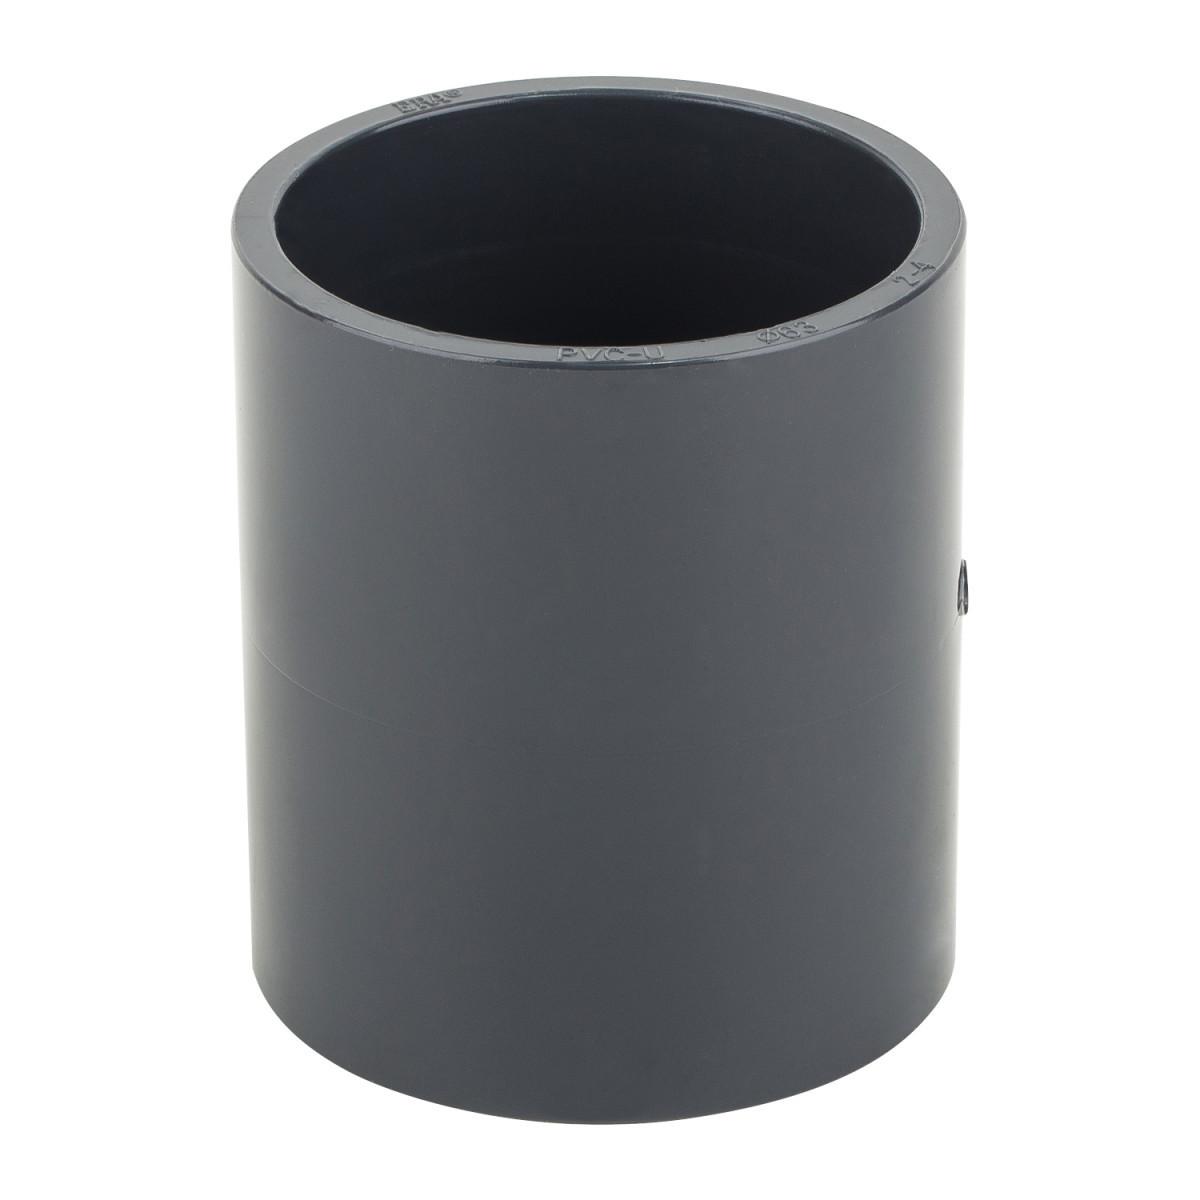 Муфта ПВХ ERA соеденительная диаметр 40 мм